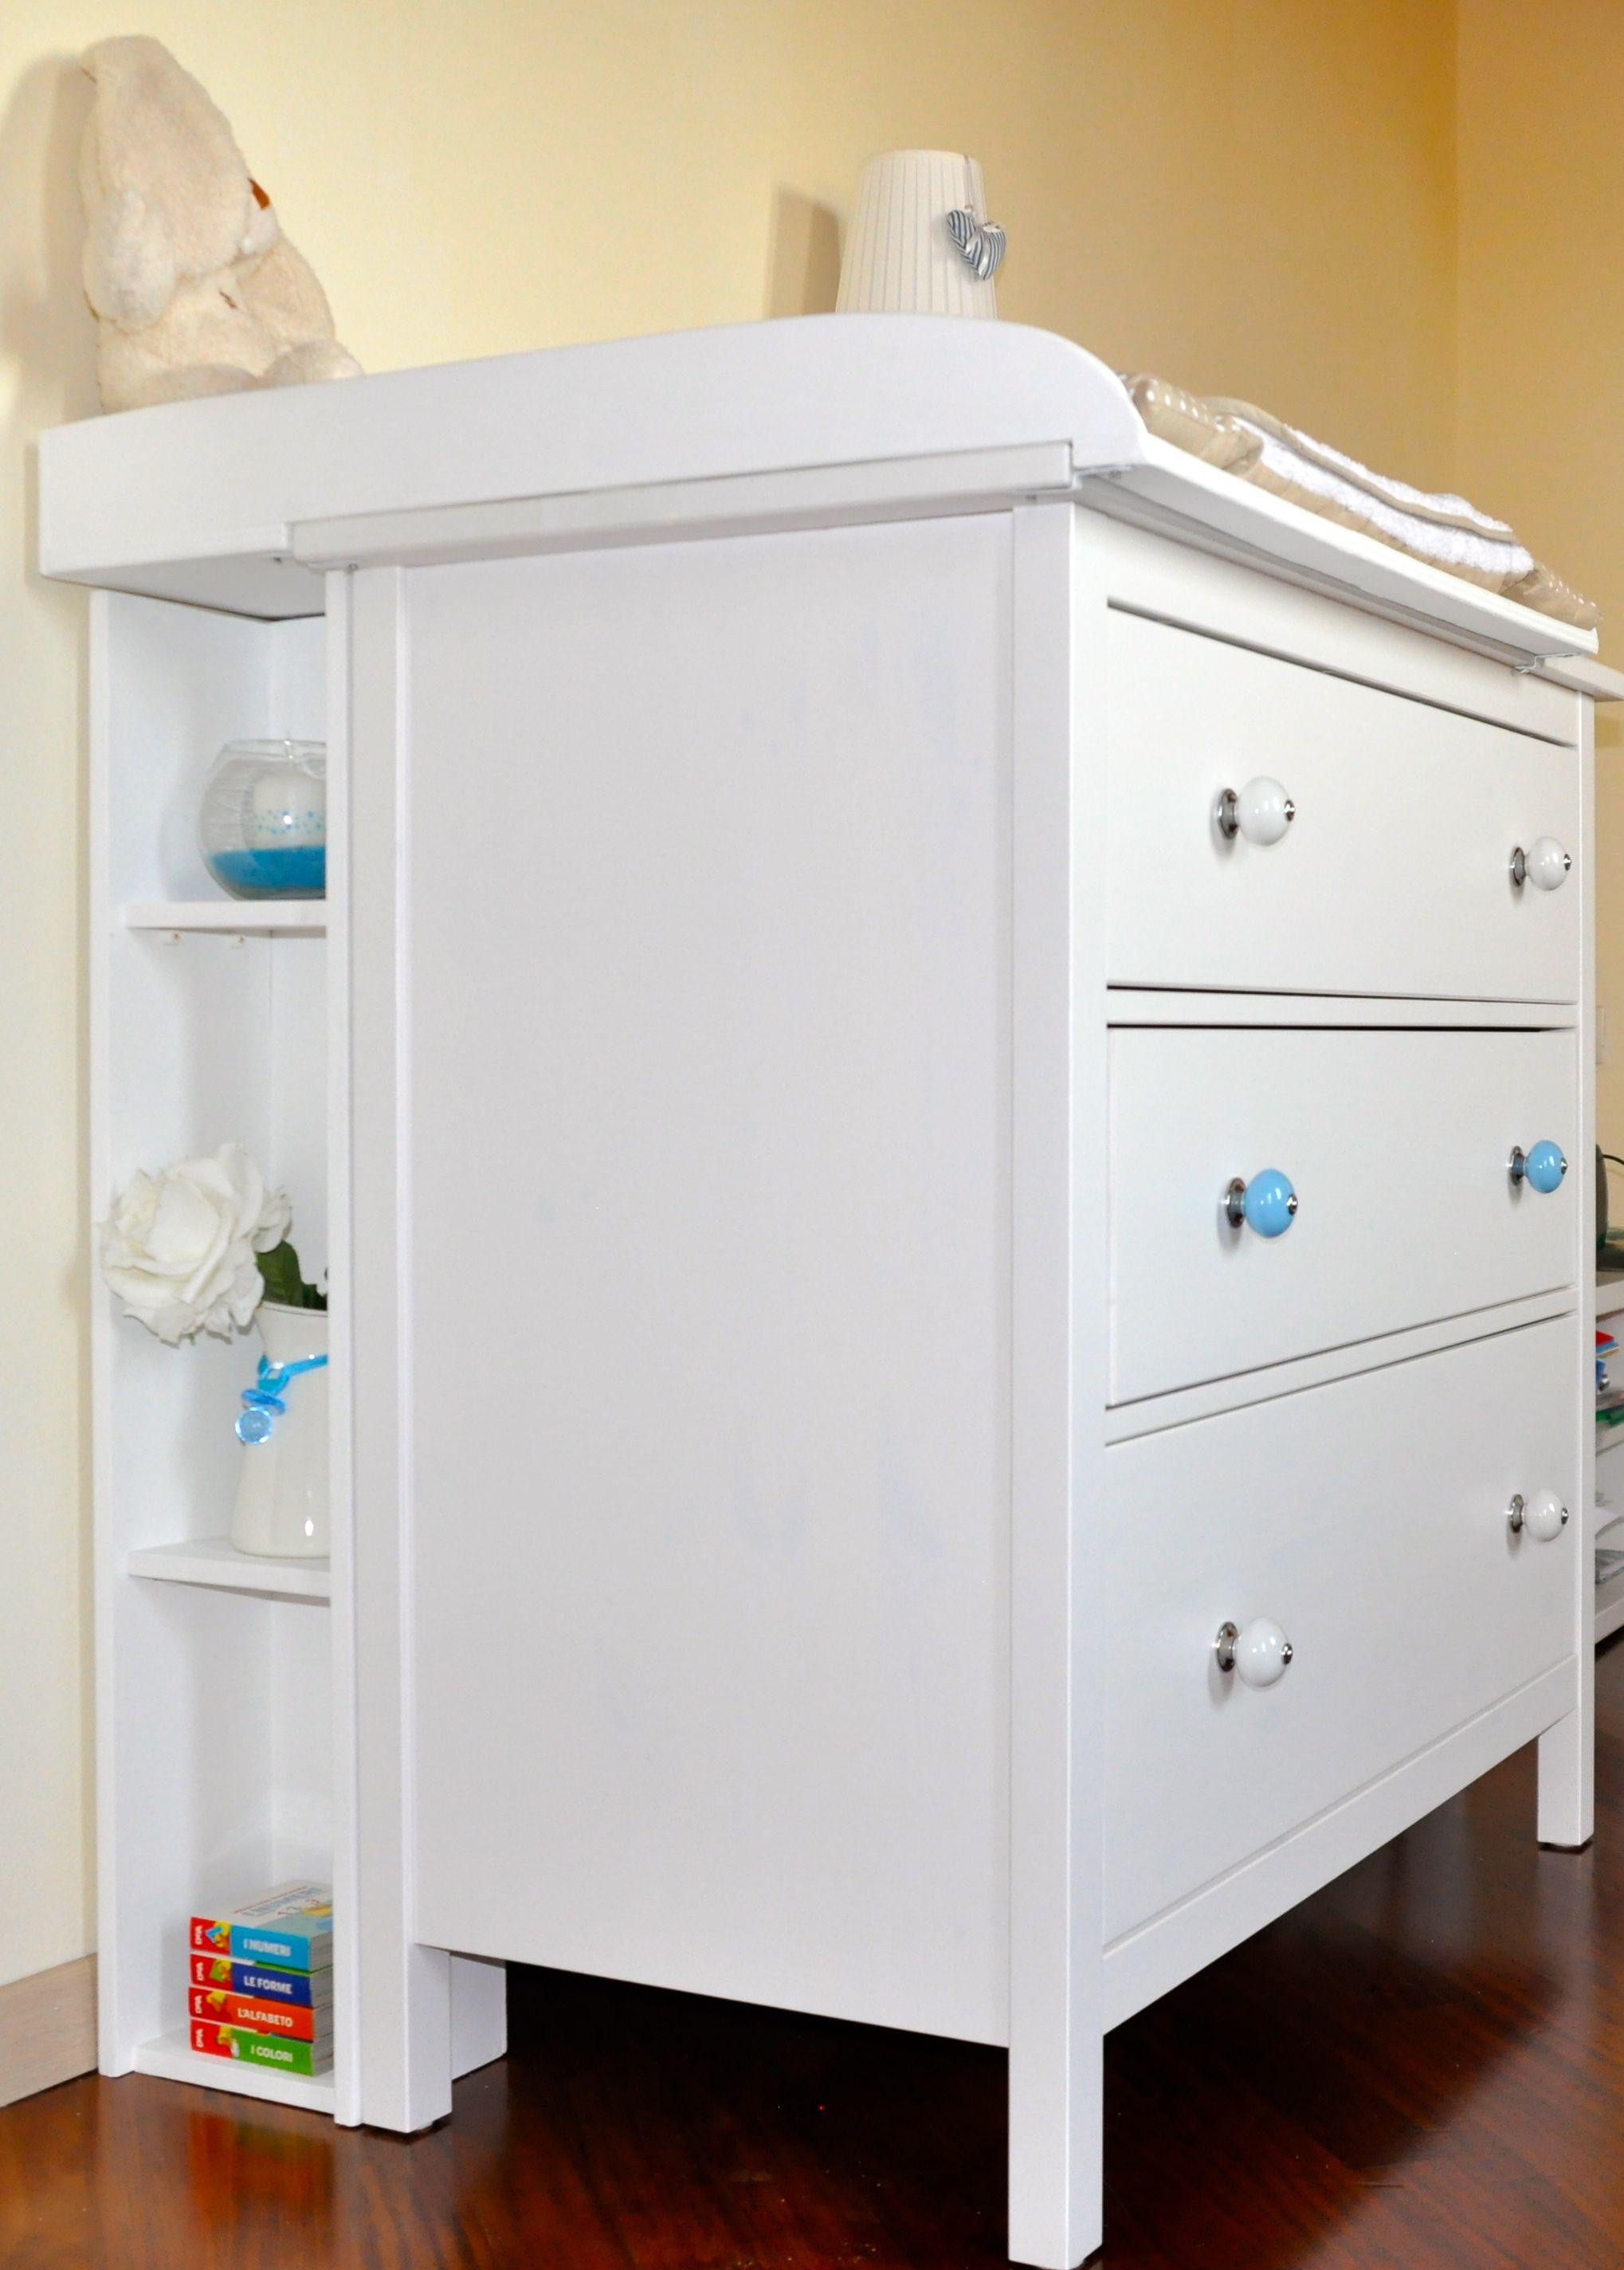 Ikea a modo mio cassettiera hemnes con pomoli colorati - Fasciatoio cassettiera ikea ...